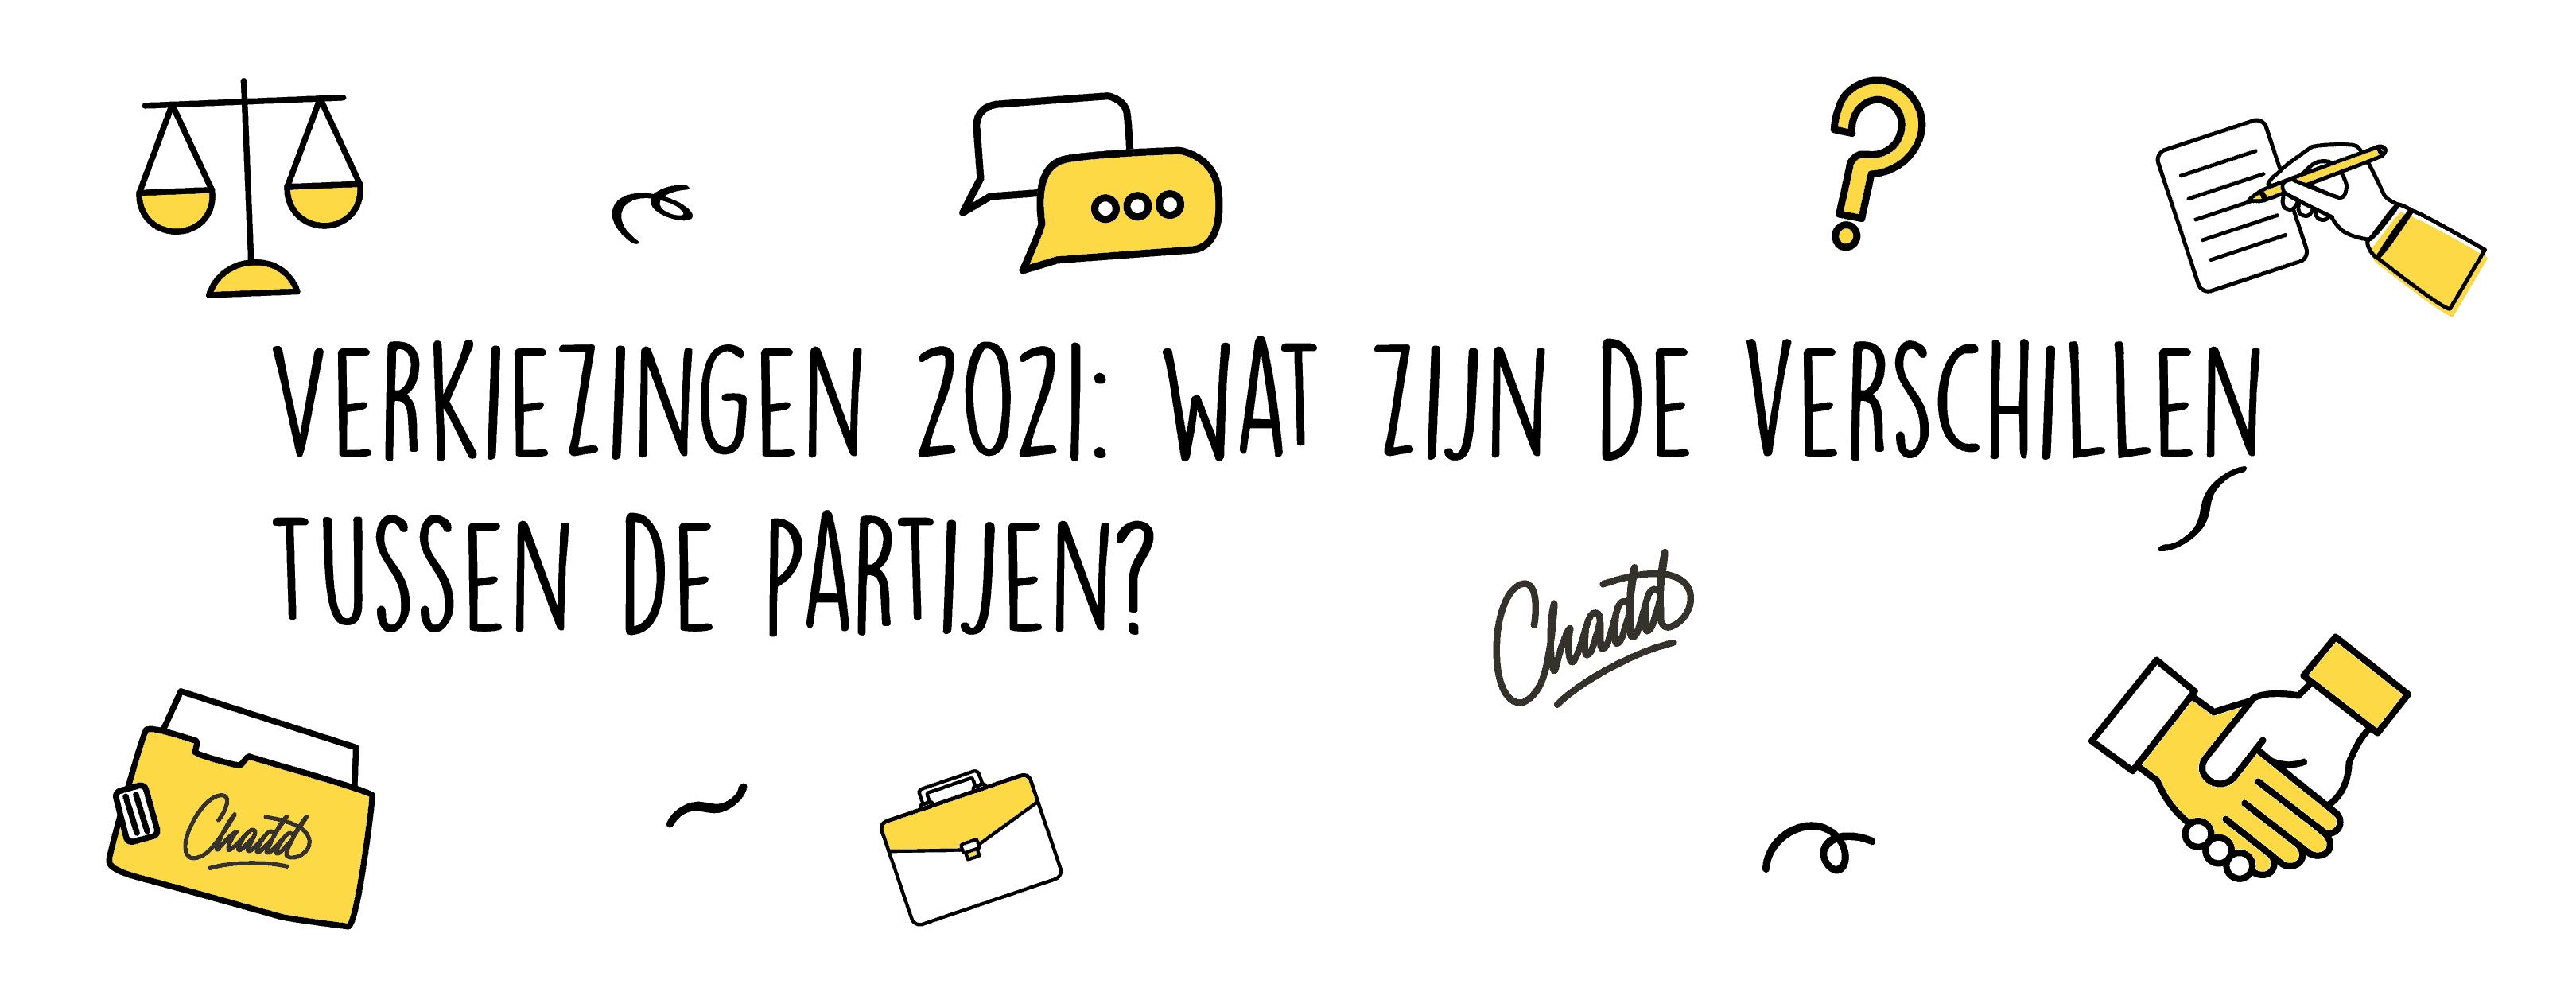 Verkiezingen 2021 wat zijn de verschillen tussen de partijen-03